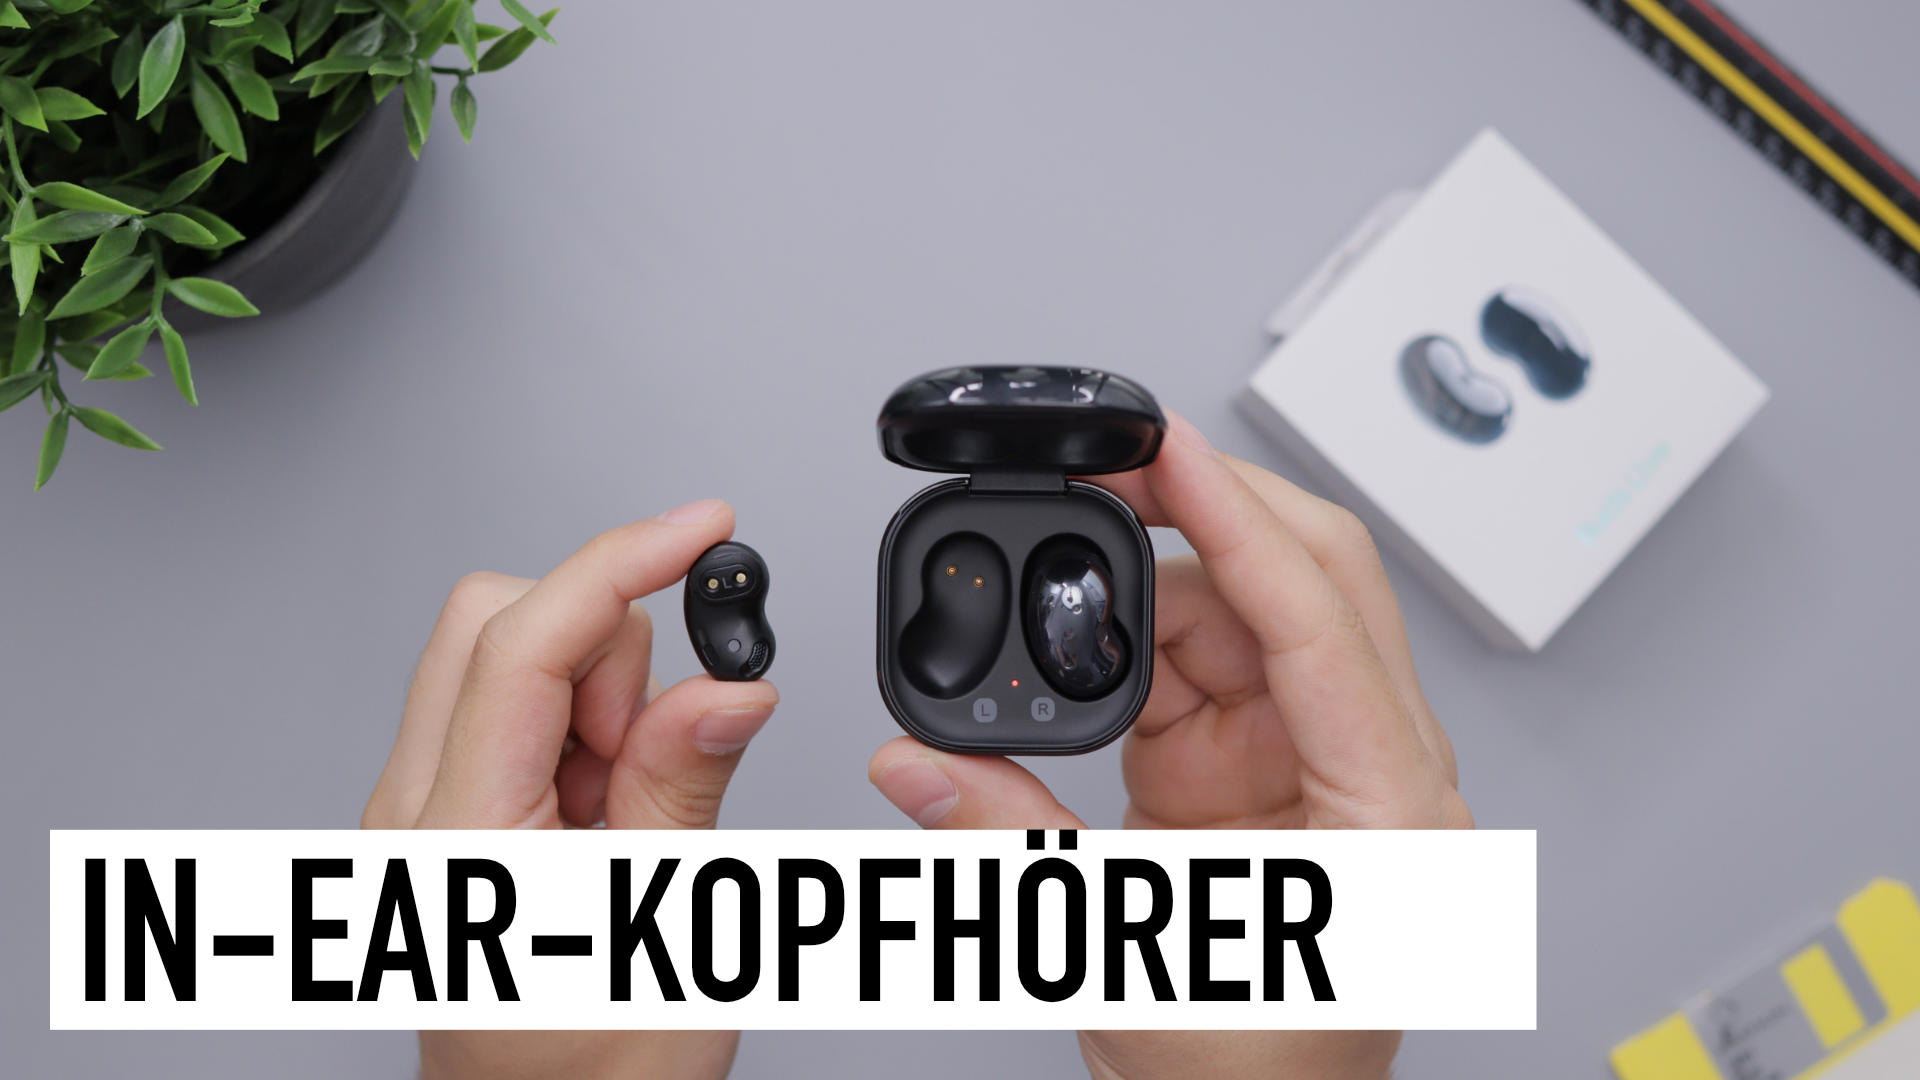 Gaming In-Ear-Kopfhörer: Wirklich gute und günstige Modelle